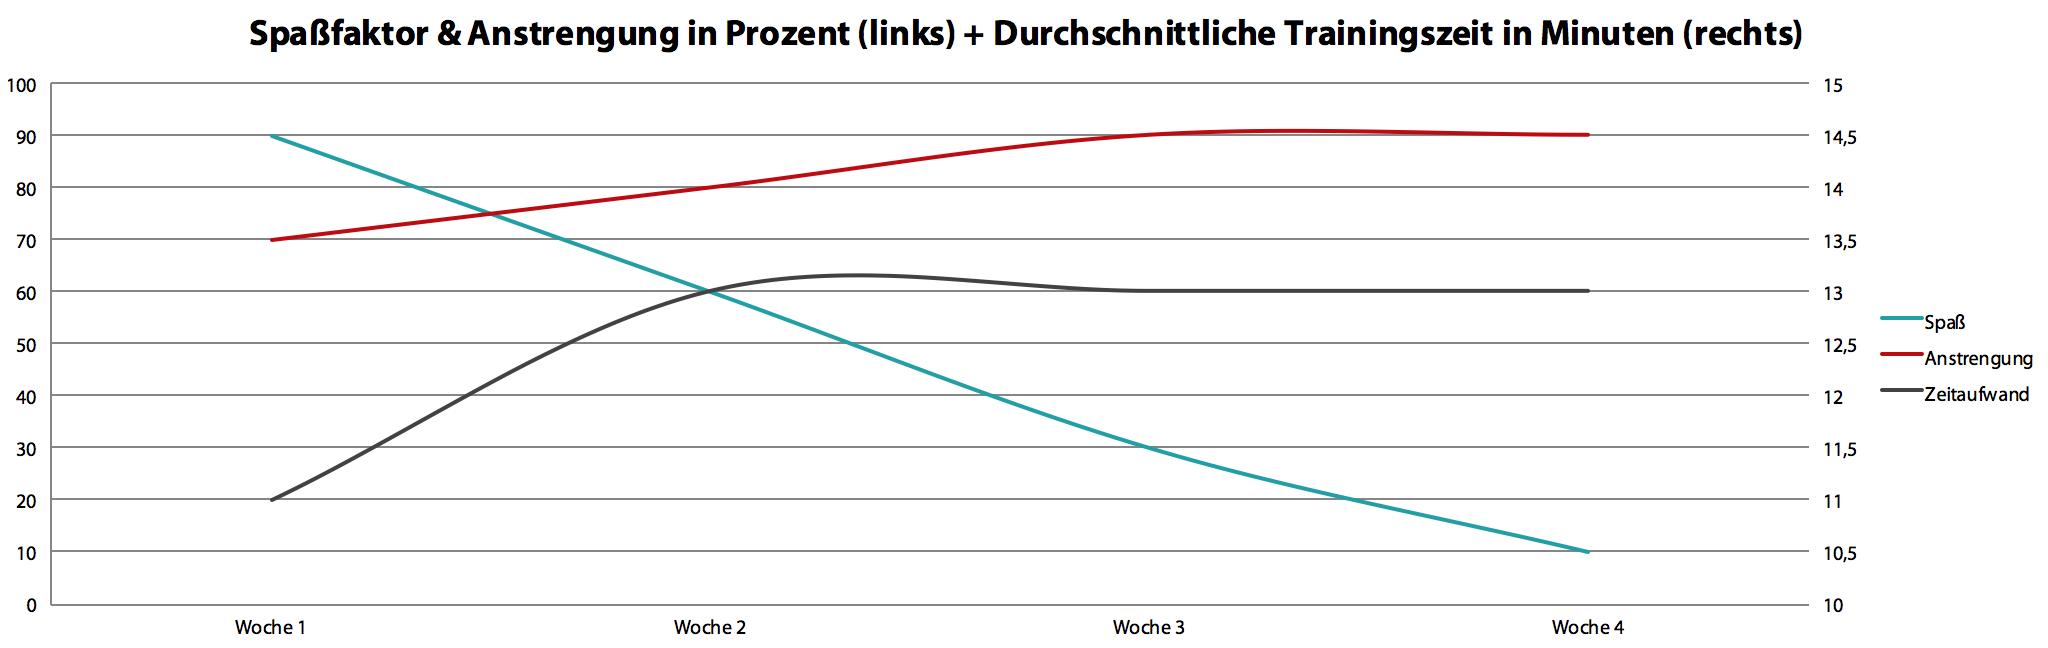 chart_spaß_anstrengung